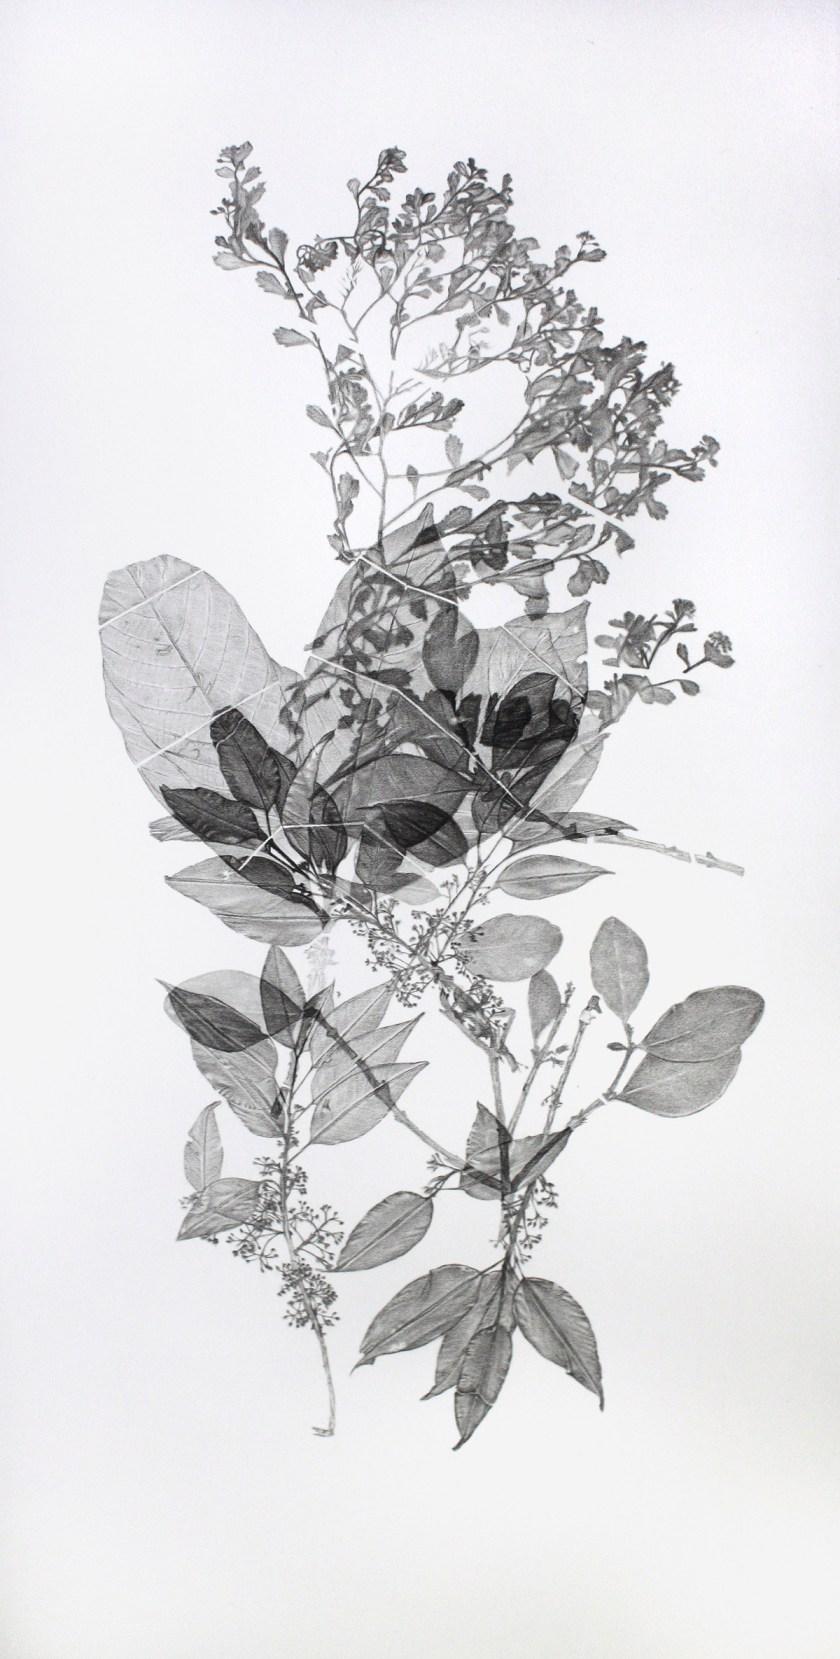 gabinete-de-dibujos-ernesto-casero-las-plantas-perdidas-02